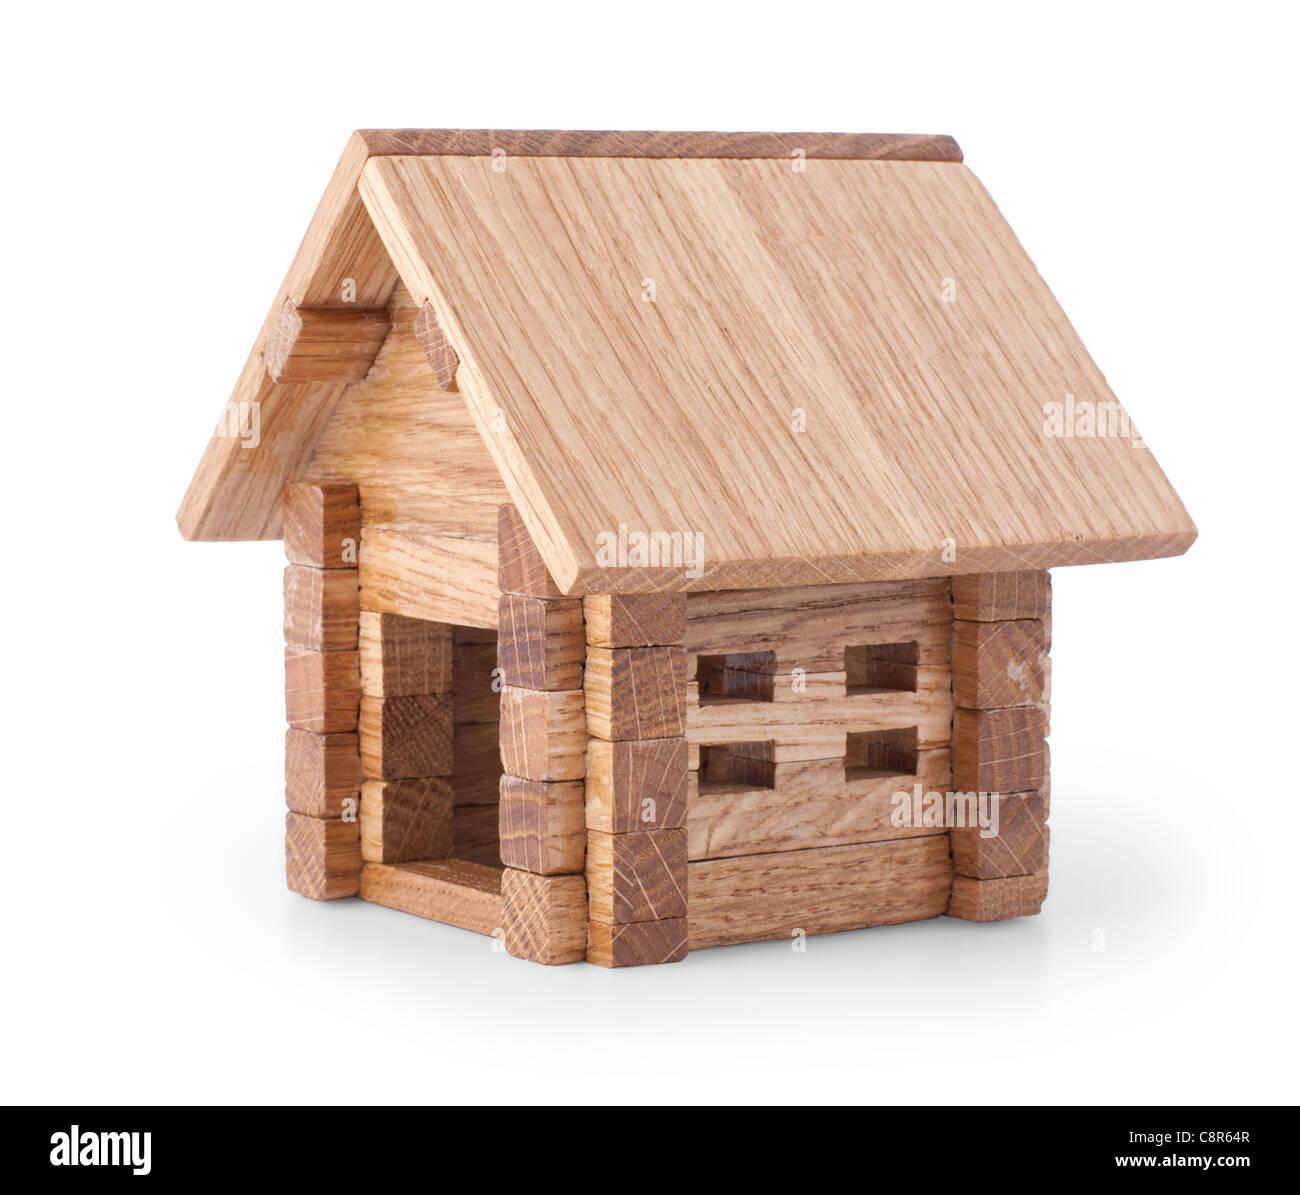 spielzeug aus holz haus isoliert auf wei em hintergrund. Black Bedroom Furniture Sets. Home Design Ideas